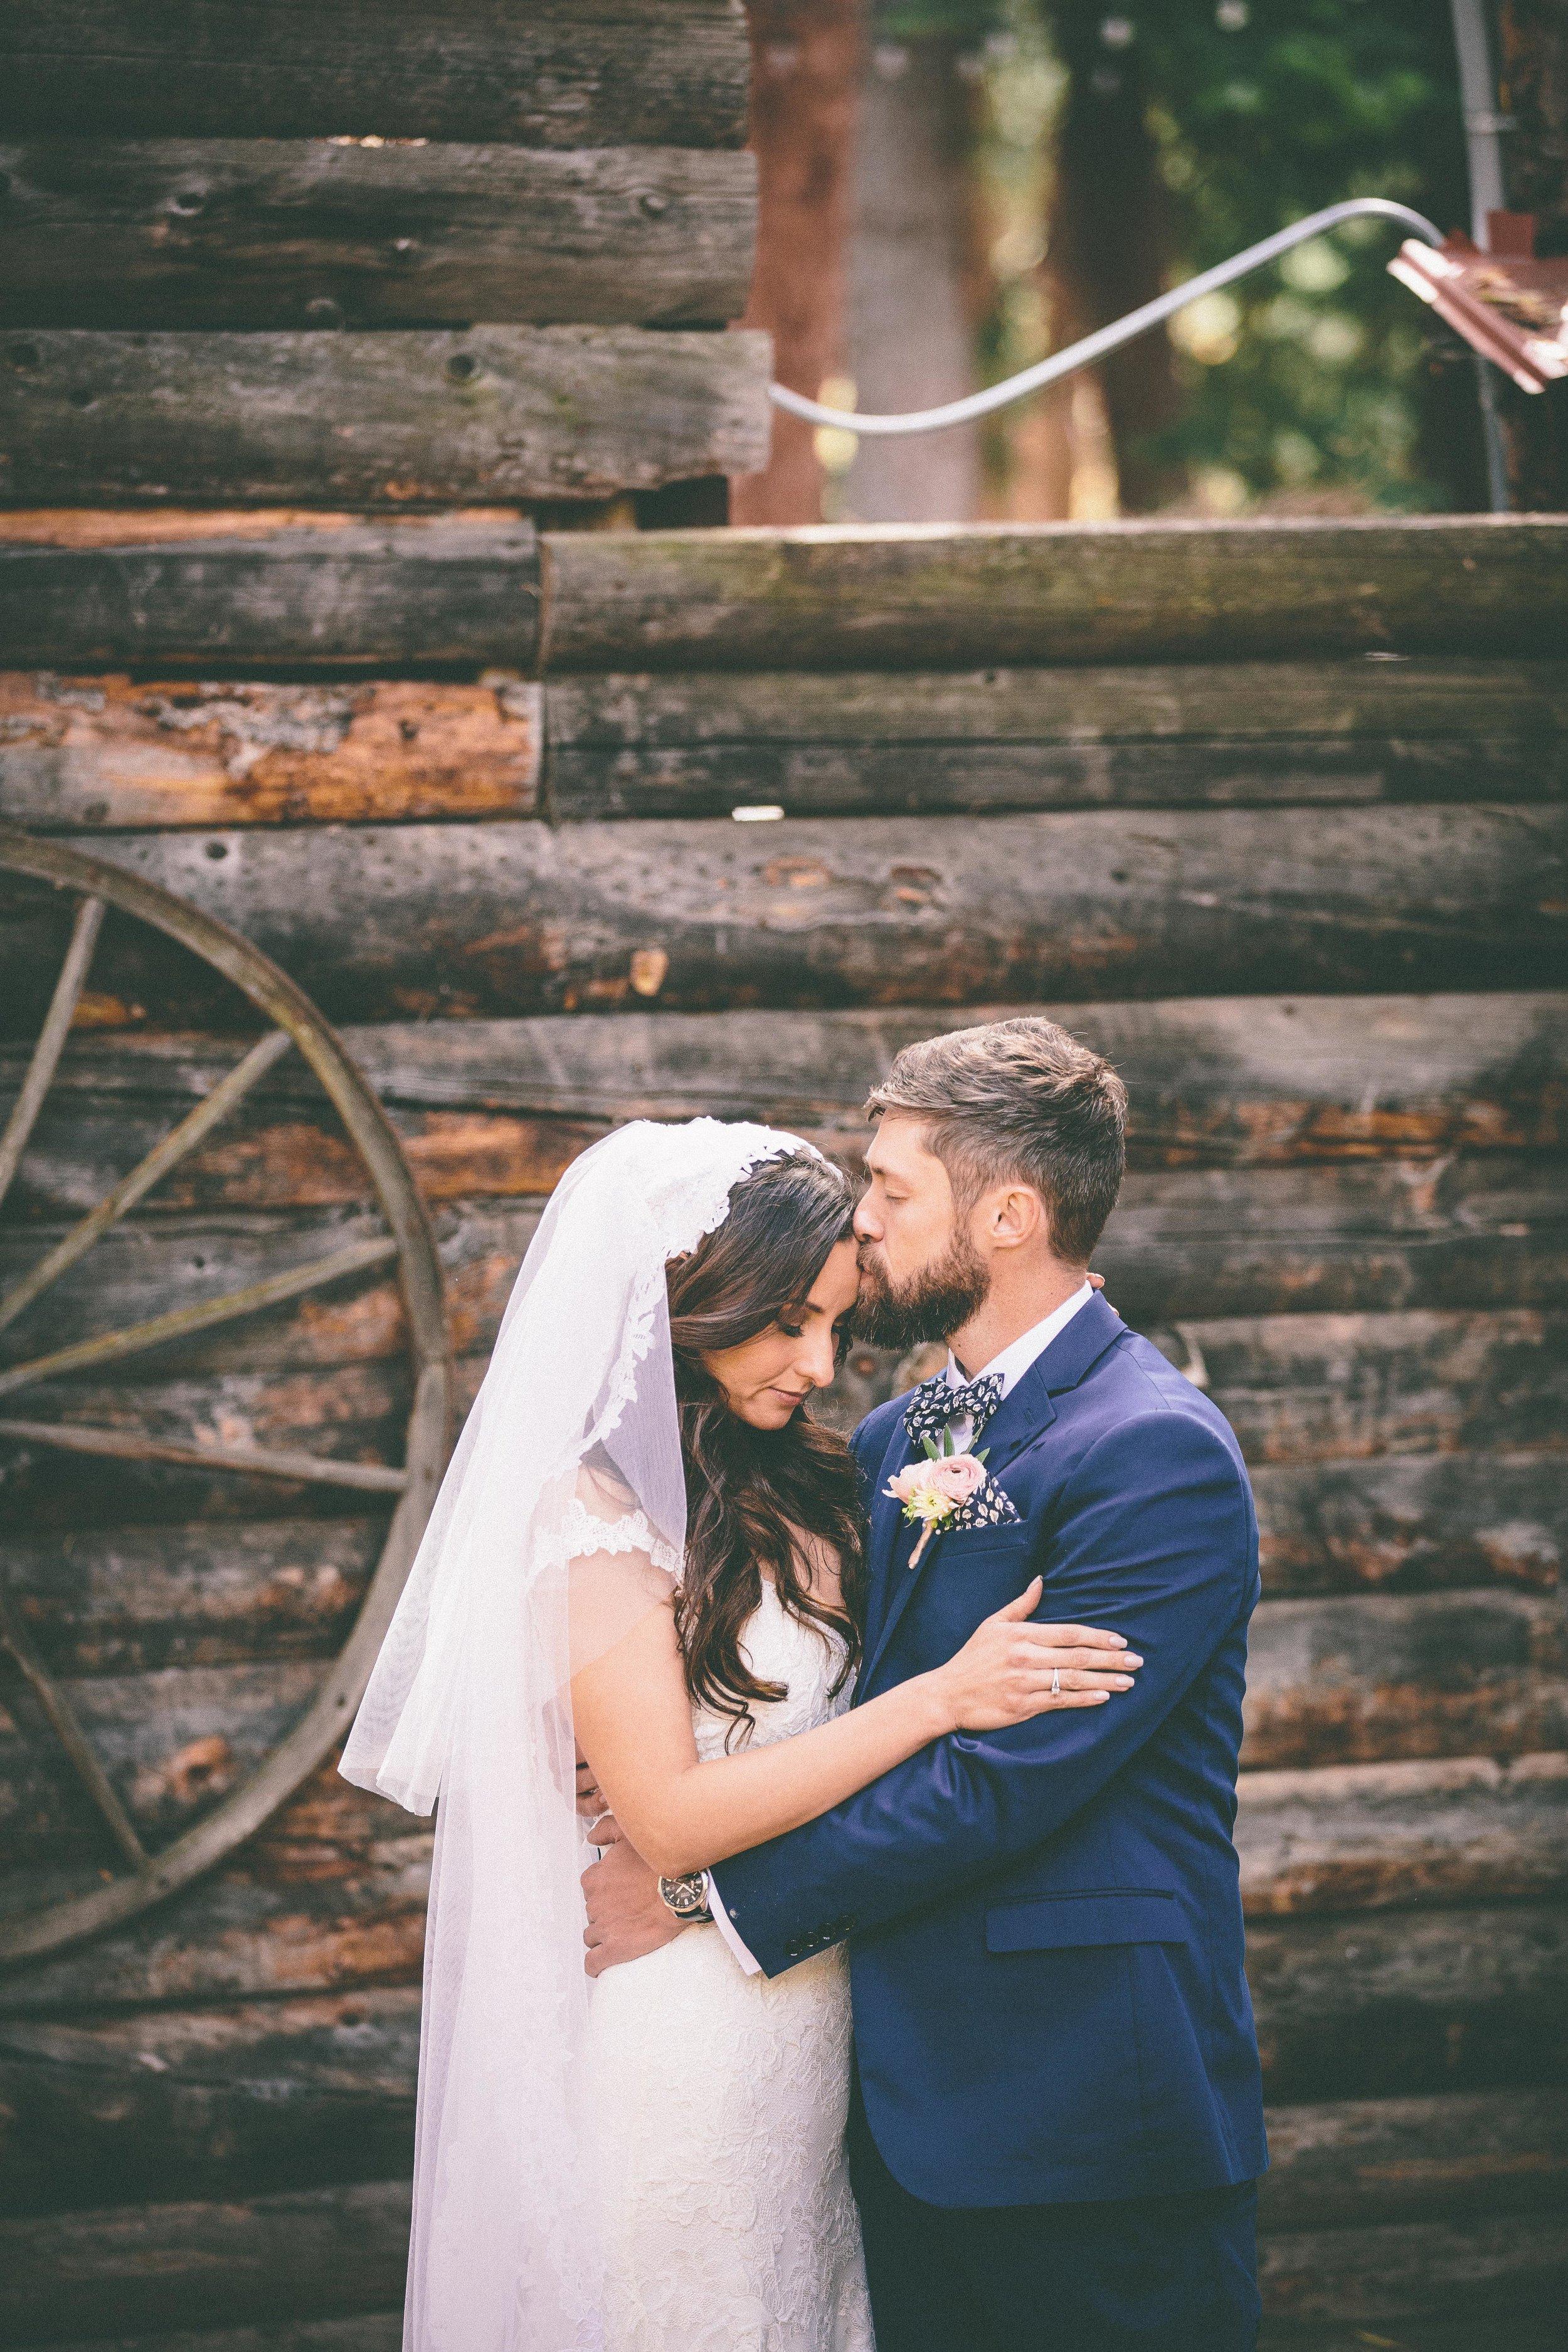 MP_16.10.08_Cass-&-Jordan-Wedding-Aspen-5902.jpg